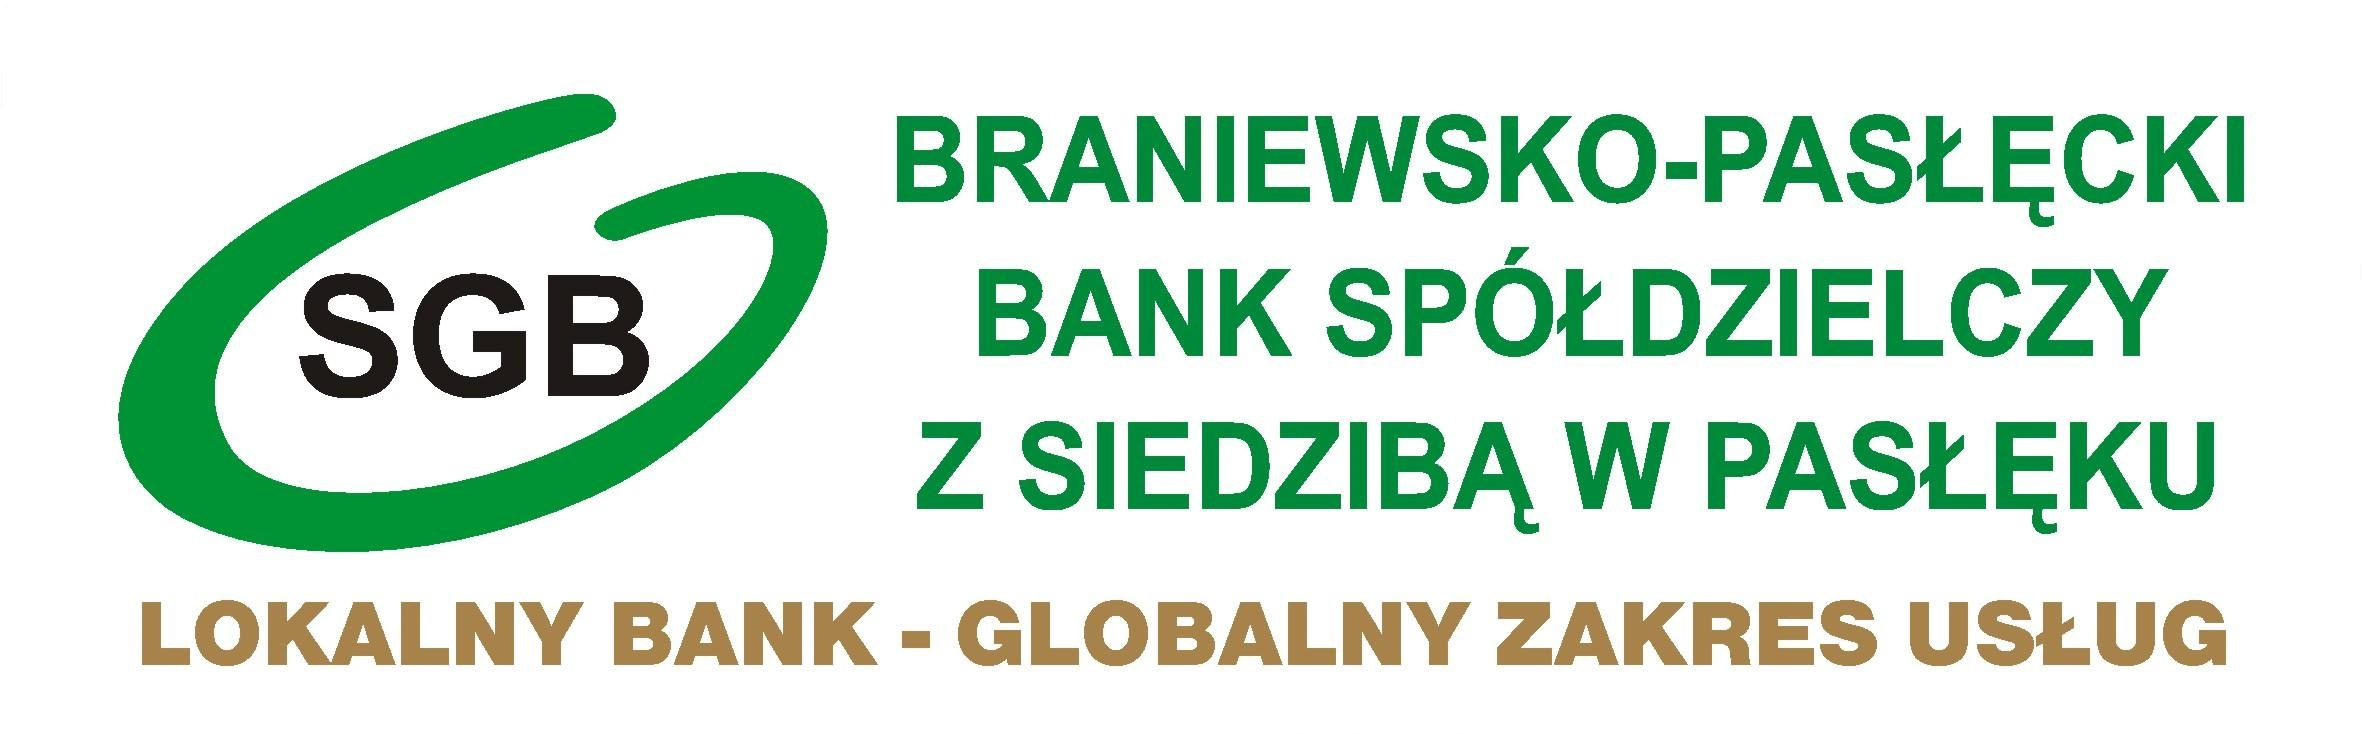 Strona główna - Braniewsko-Pasłęcki Bank Spółdzielczy z siedzibą w Pasłęku